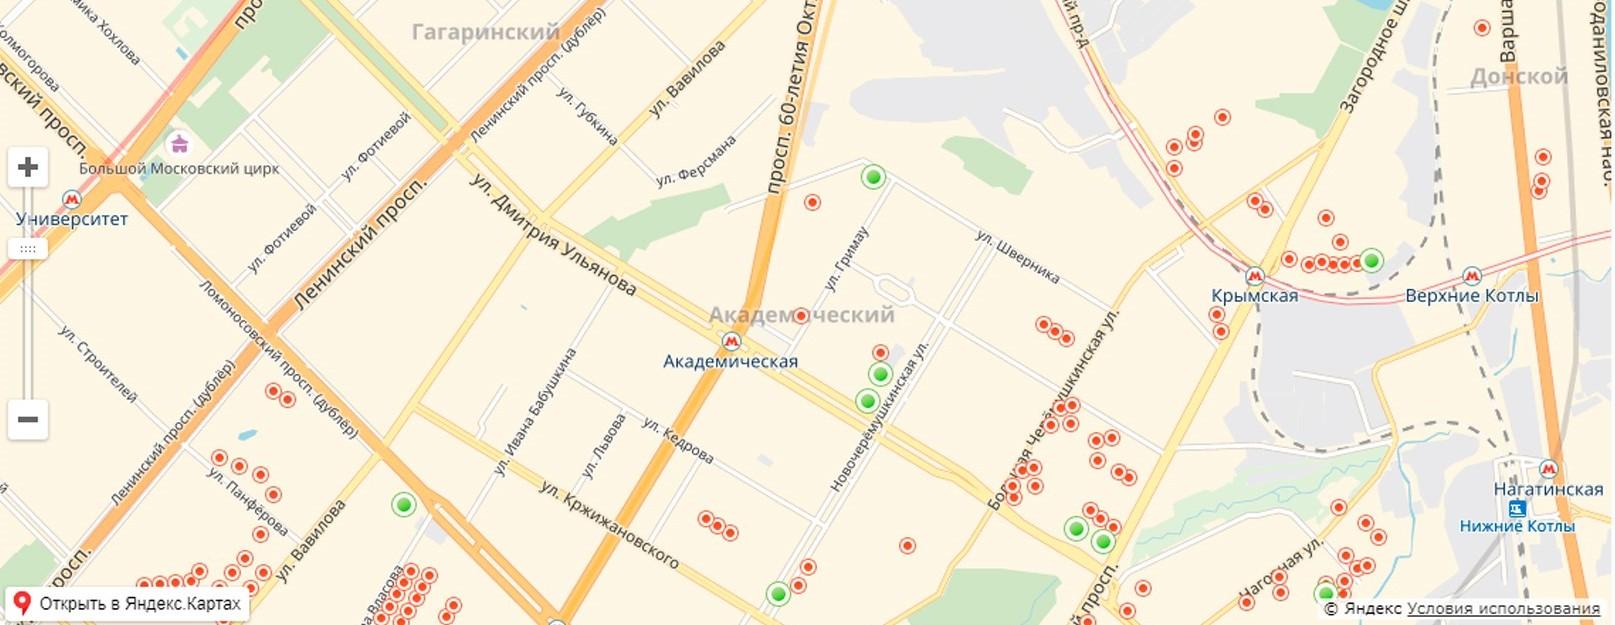 Карта реновации в Академическом районе